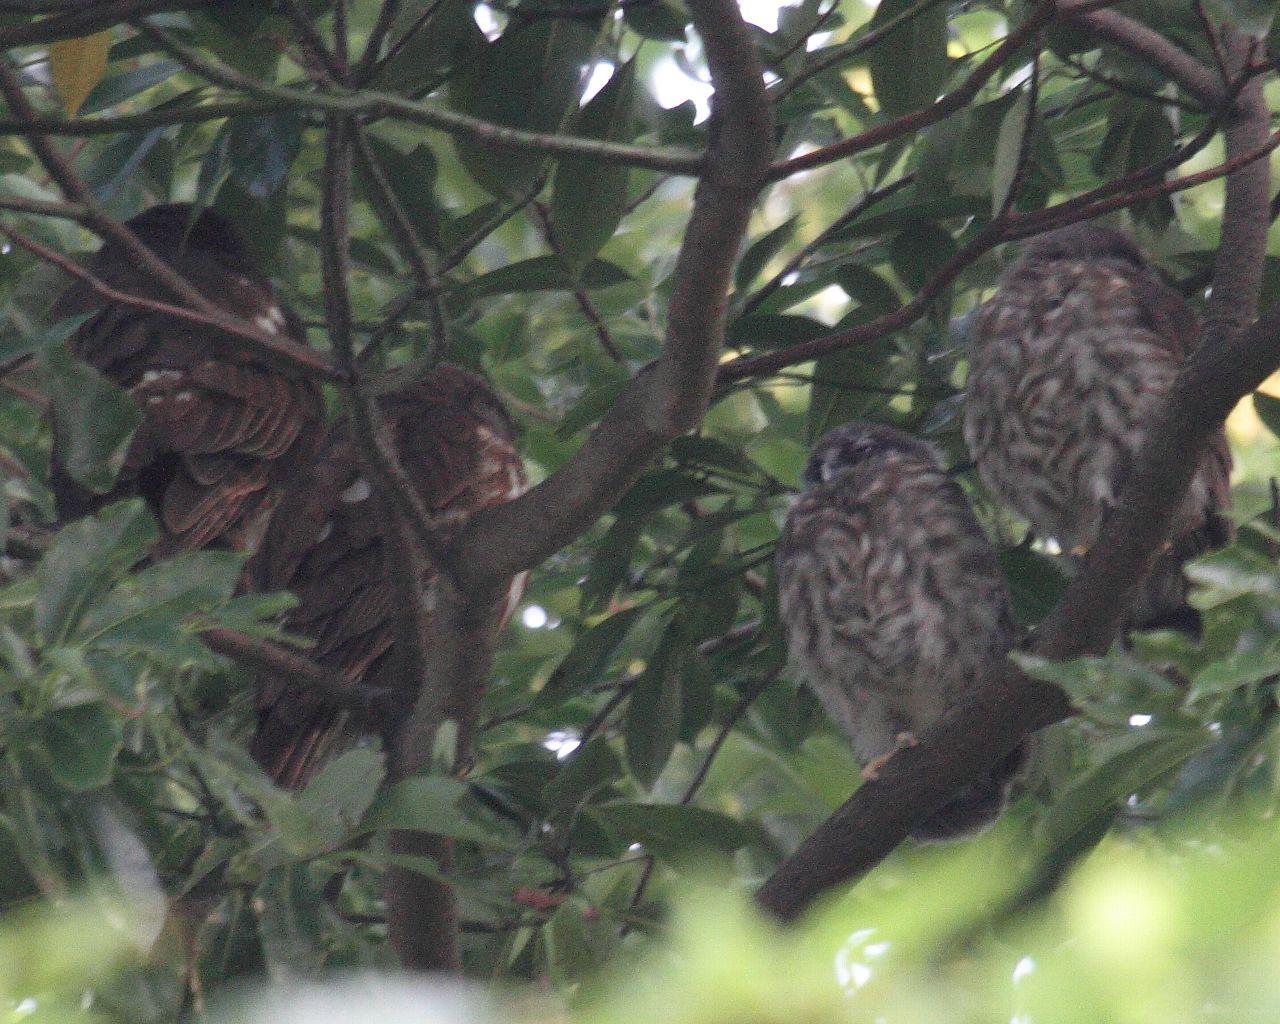 ついに雛が2羽巣立ちました!_f0105570_21265976.jpg